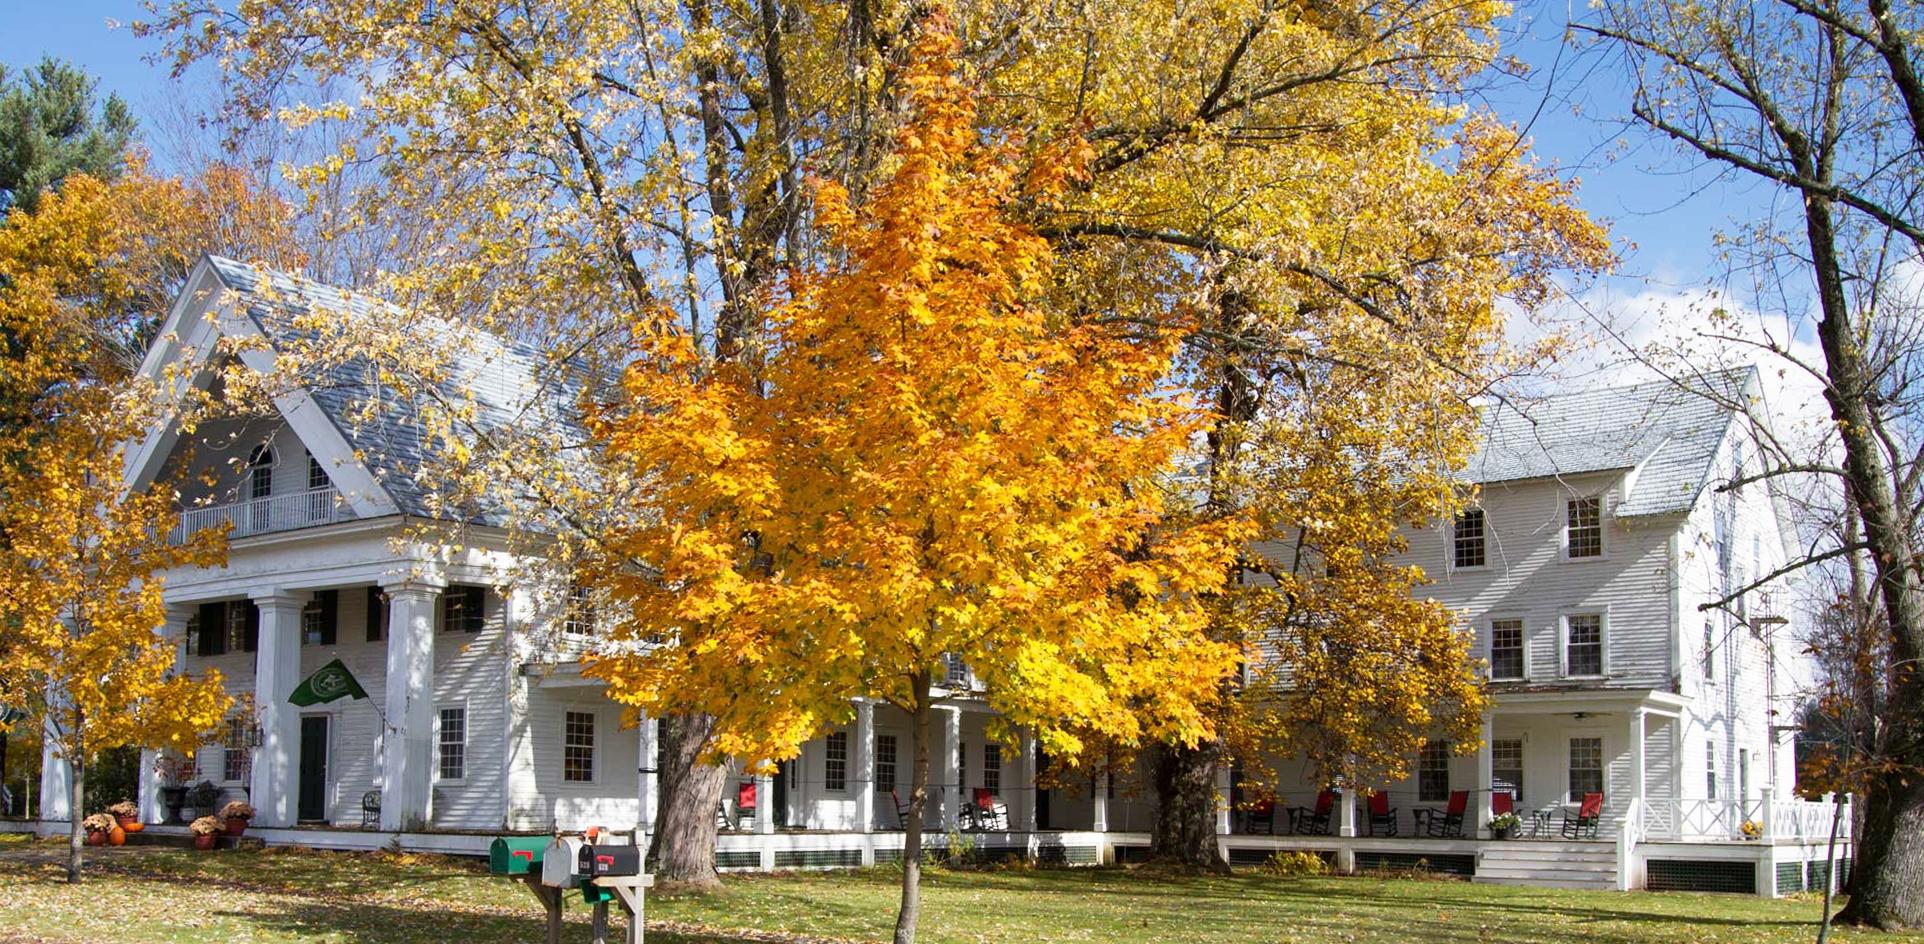 Частный односемейный дом для того Продажа на 532 Canaan St, Canaan Canaan, Нью-Гэмпшир 03741 Соединенные Штаты